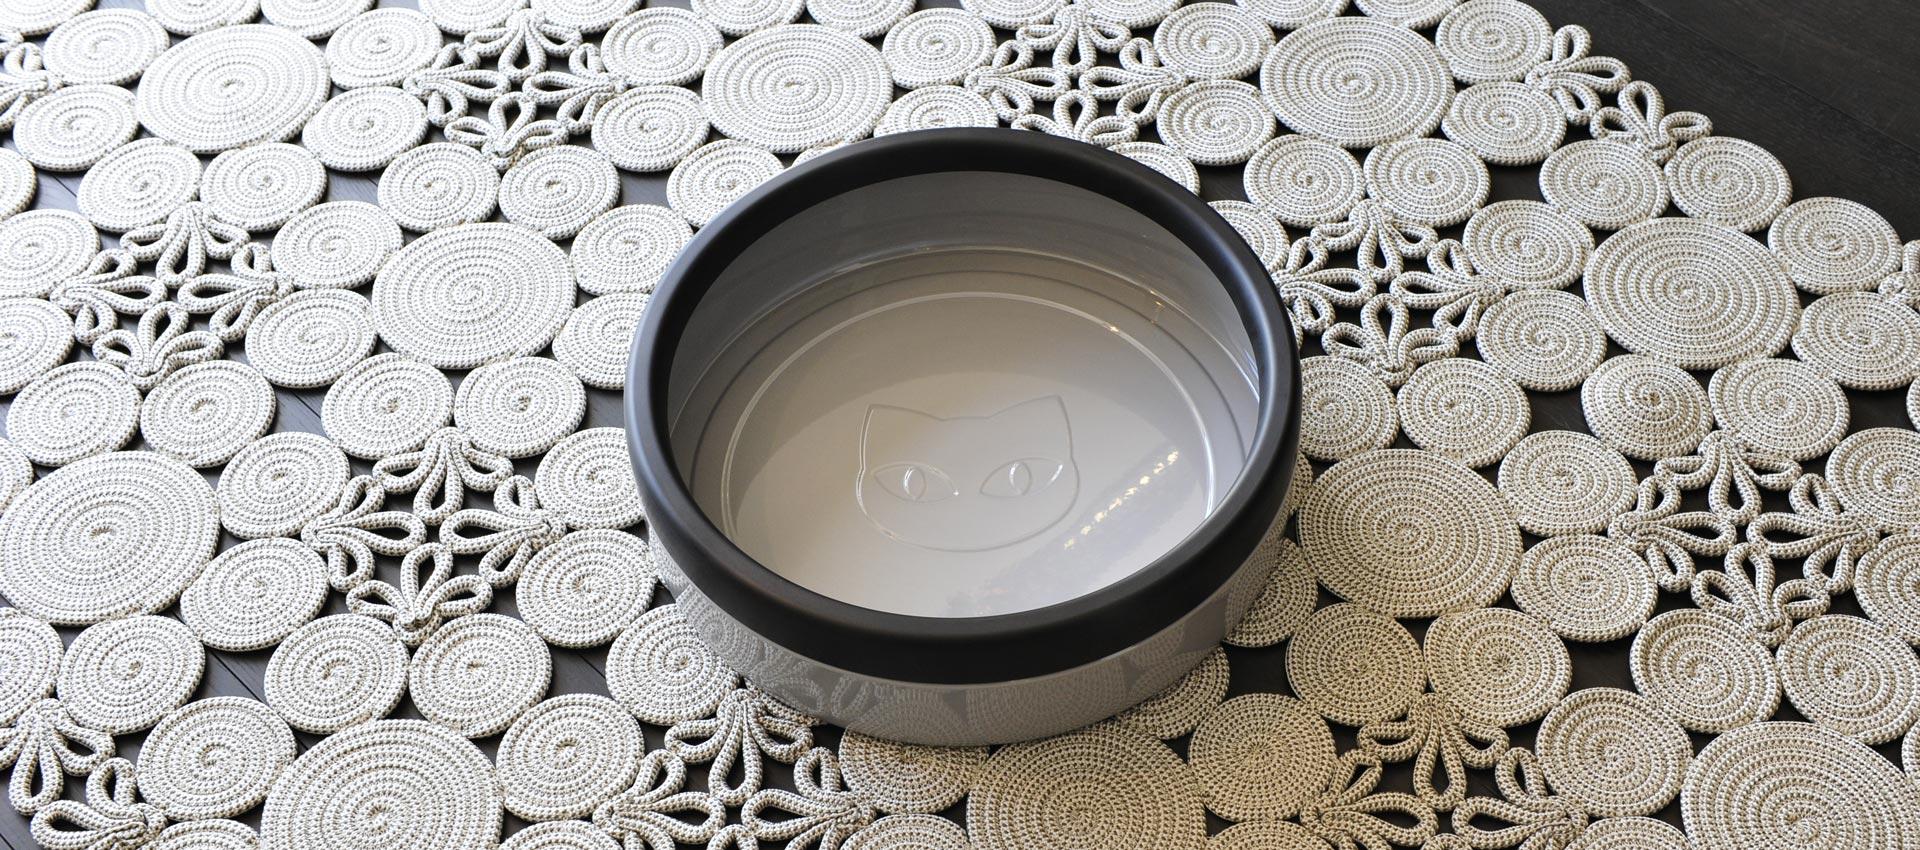 katchit-katzentoilette-kratzfest-geruchlos-cat-litter-box-Emaille-odorless-hygienic-scratch-resistant-_DSC2908